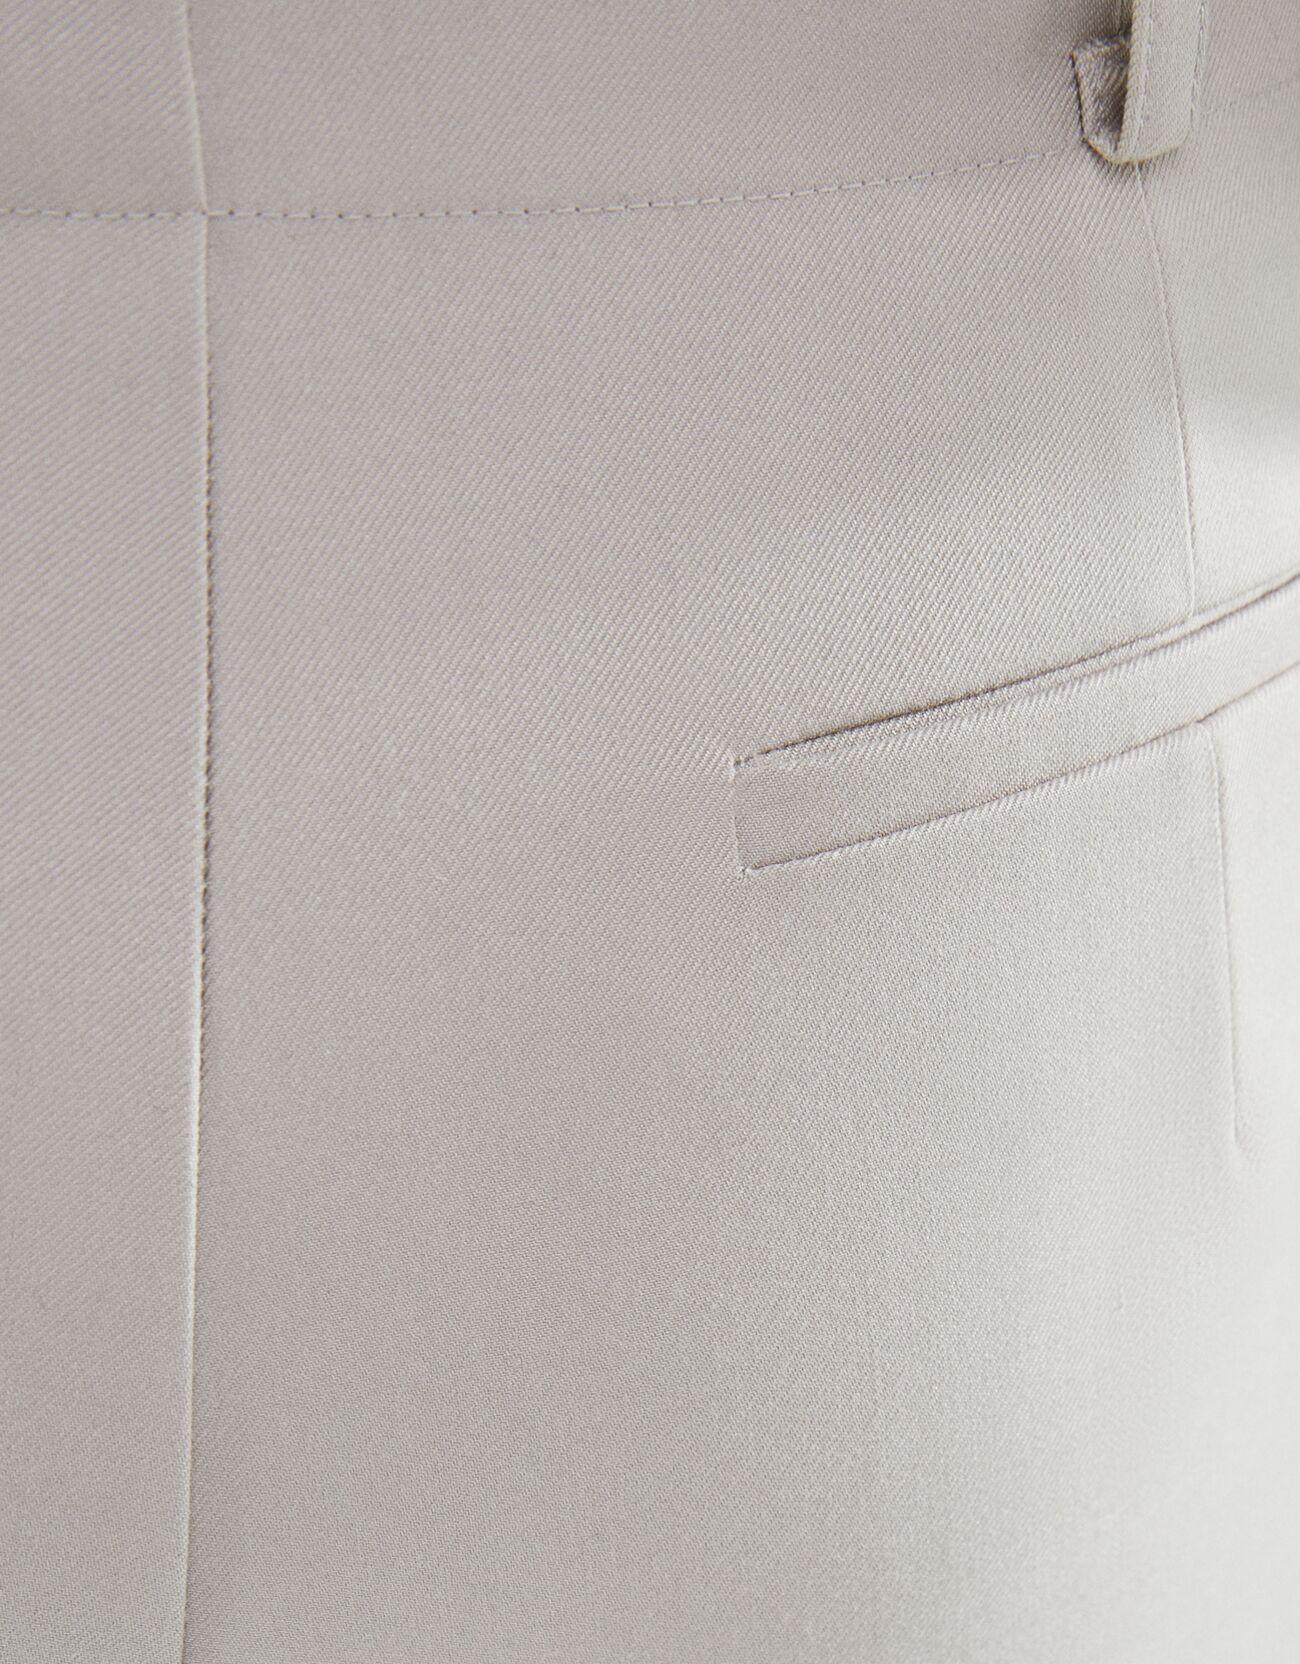 Брюки из струящейся ткани с прямыми штанинами ПЕСОЧНЫЙ Bershka